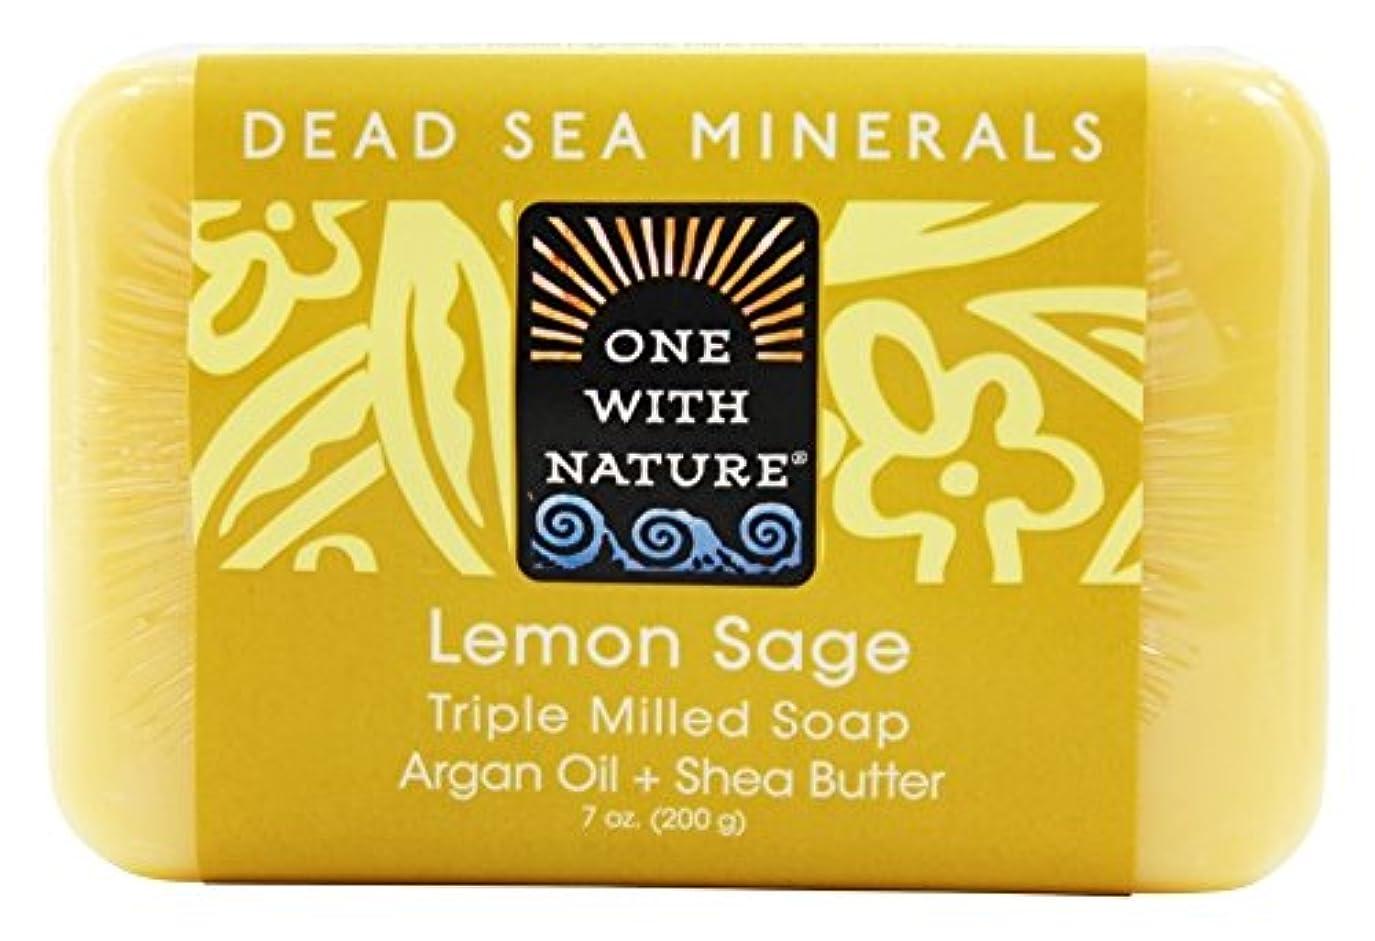 長々とストラトフォードオンエイボン開発するOne With Nature - 死んだ海ミネラル バー石鹸穏やかな角質除去レモン セージ - 7ポンド [並行輸入品]